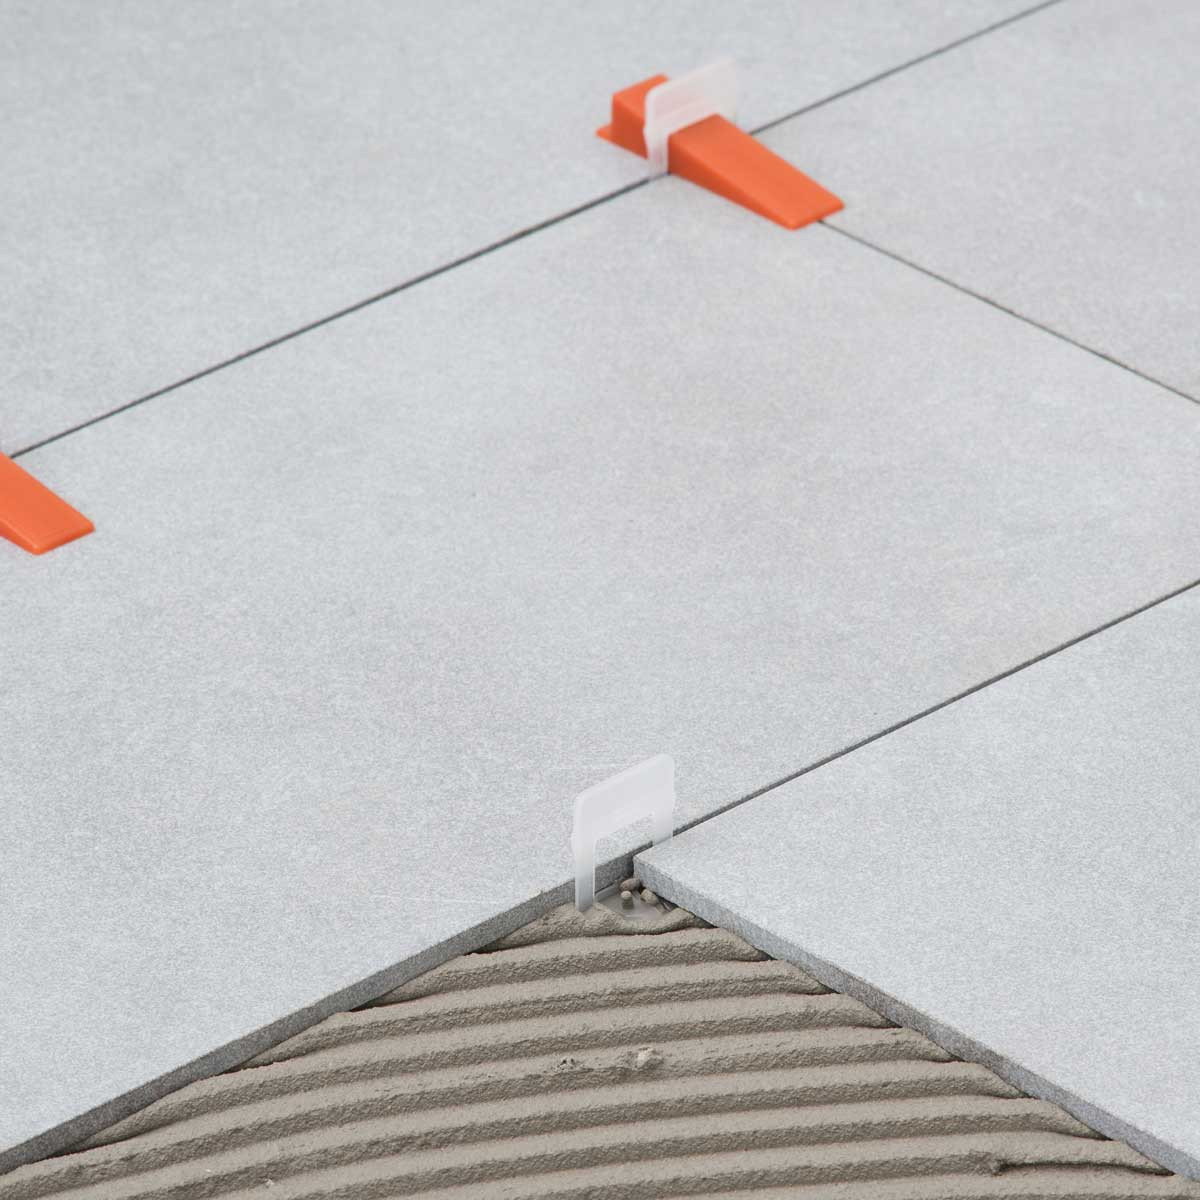 raimondi tile leveling system 5/32nd layout